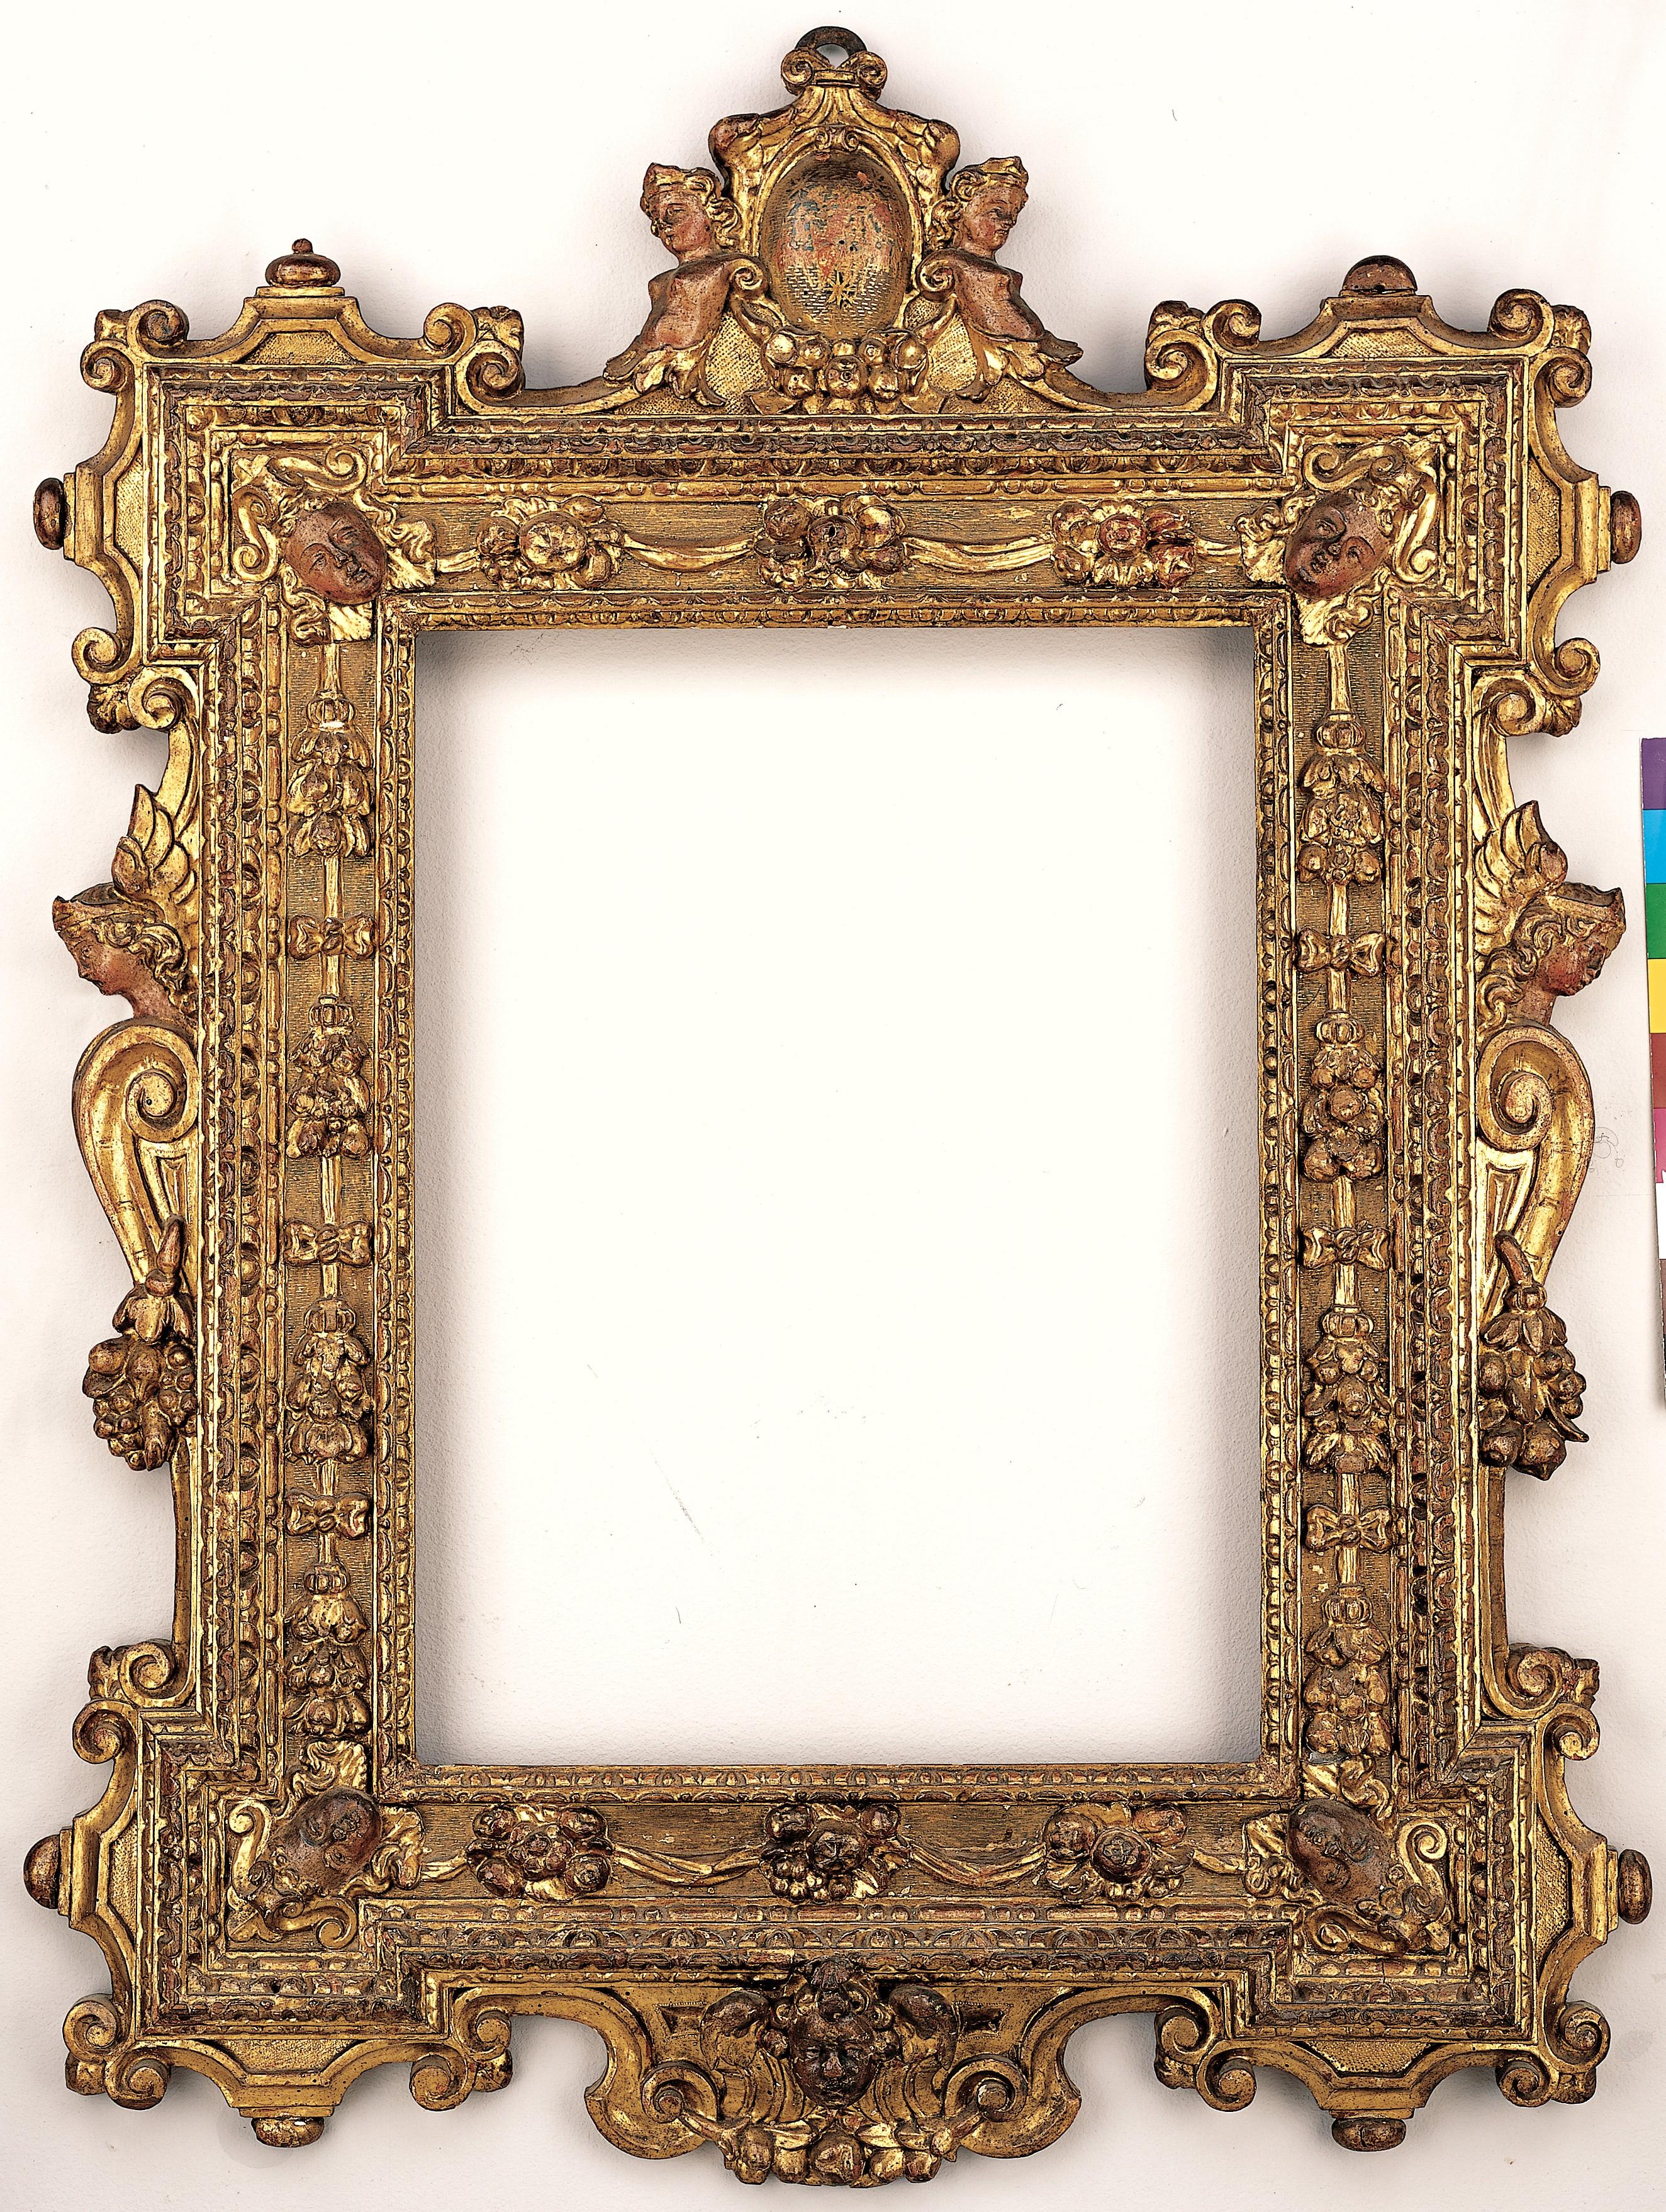 Cassetta frame Spanish The Met Frames t Spanish